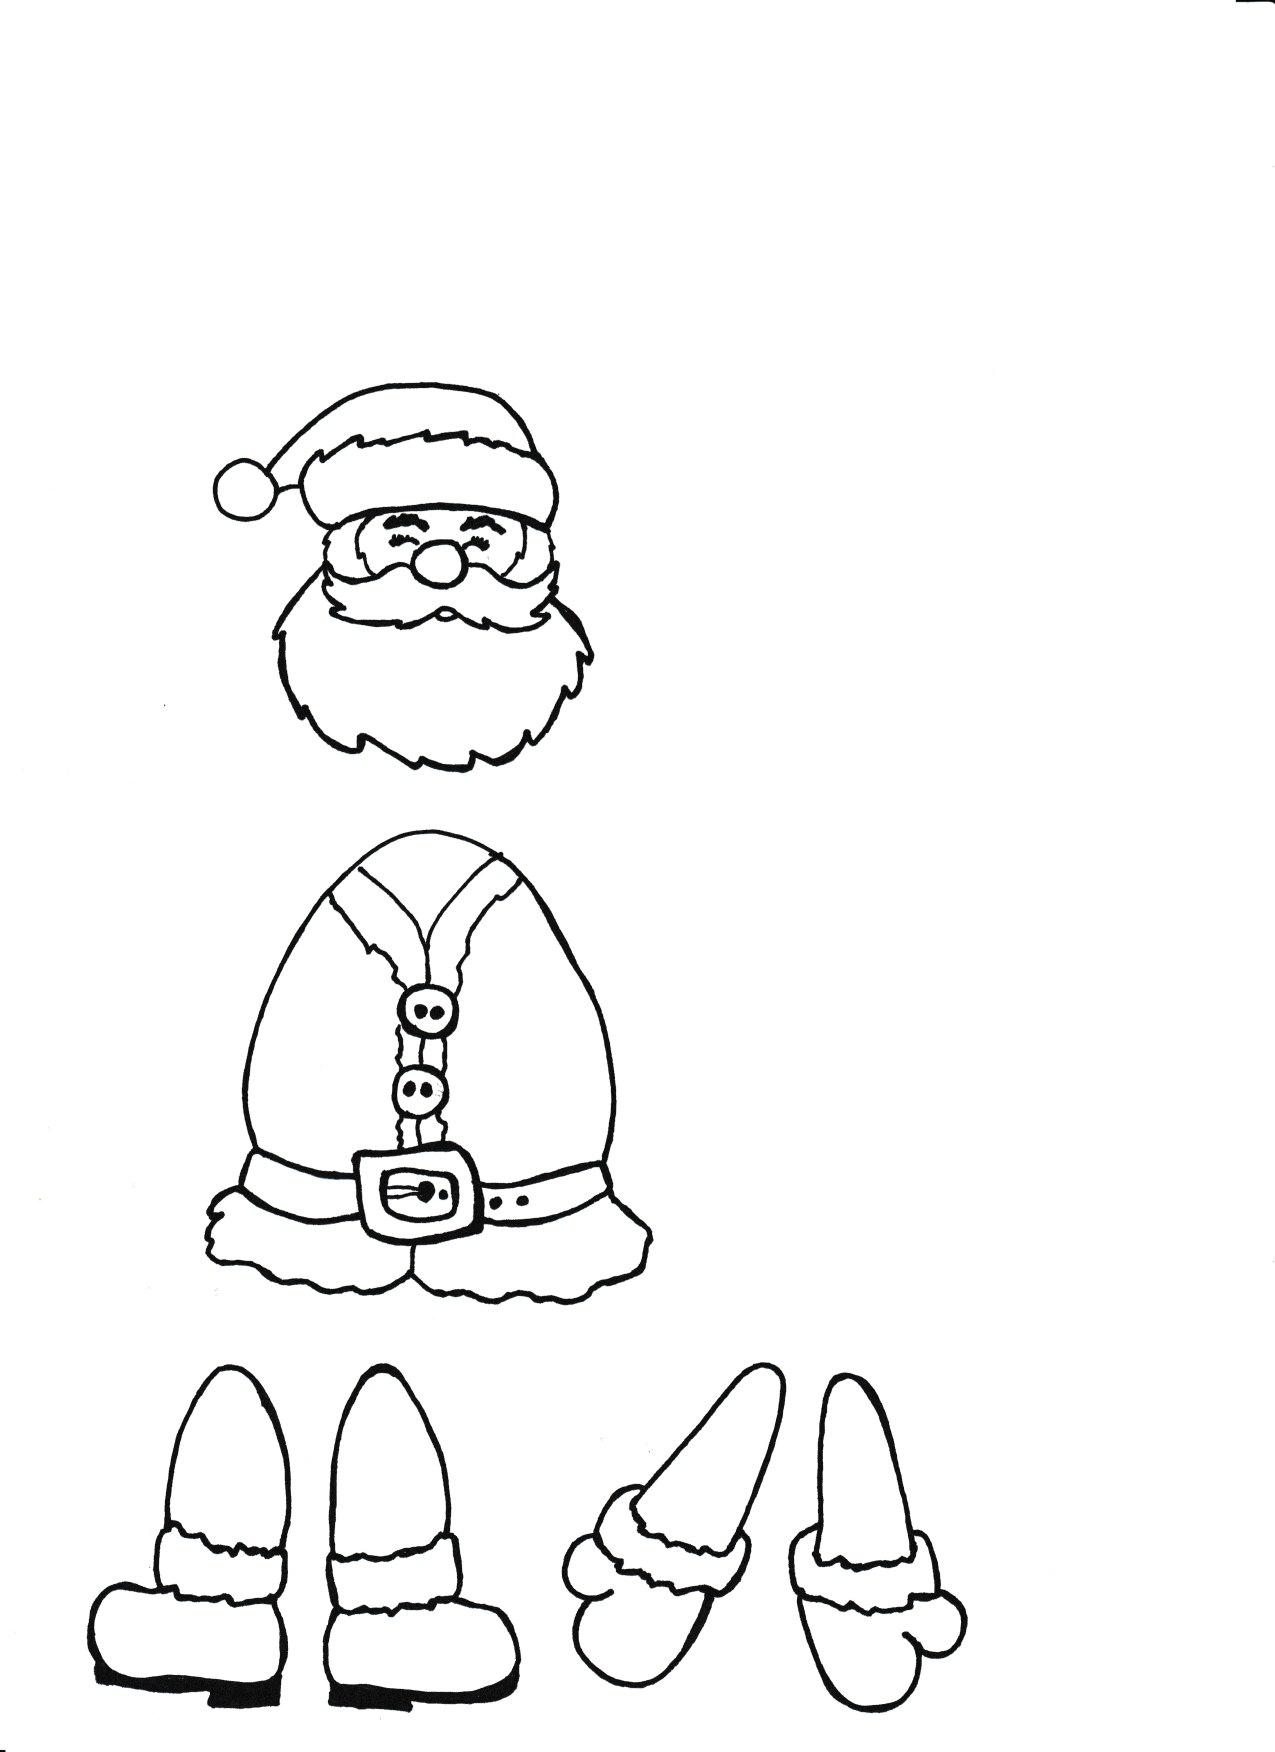 Szablon Mikolaja Do Wycinania Wyklejania I Malowania Moje Dzieci Kreatywnie Kids Writing Funky Fingers Crafts For Kids